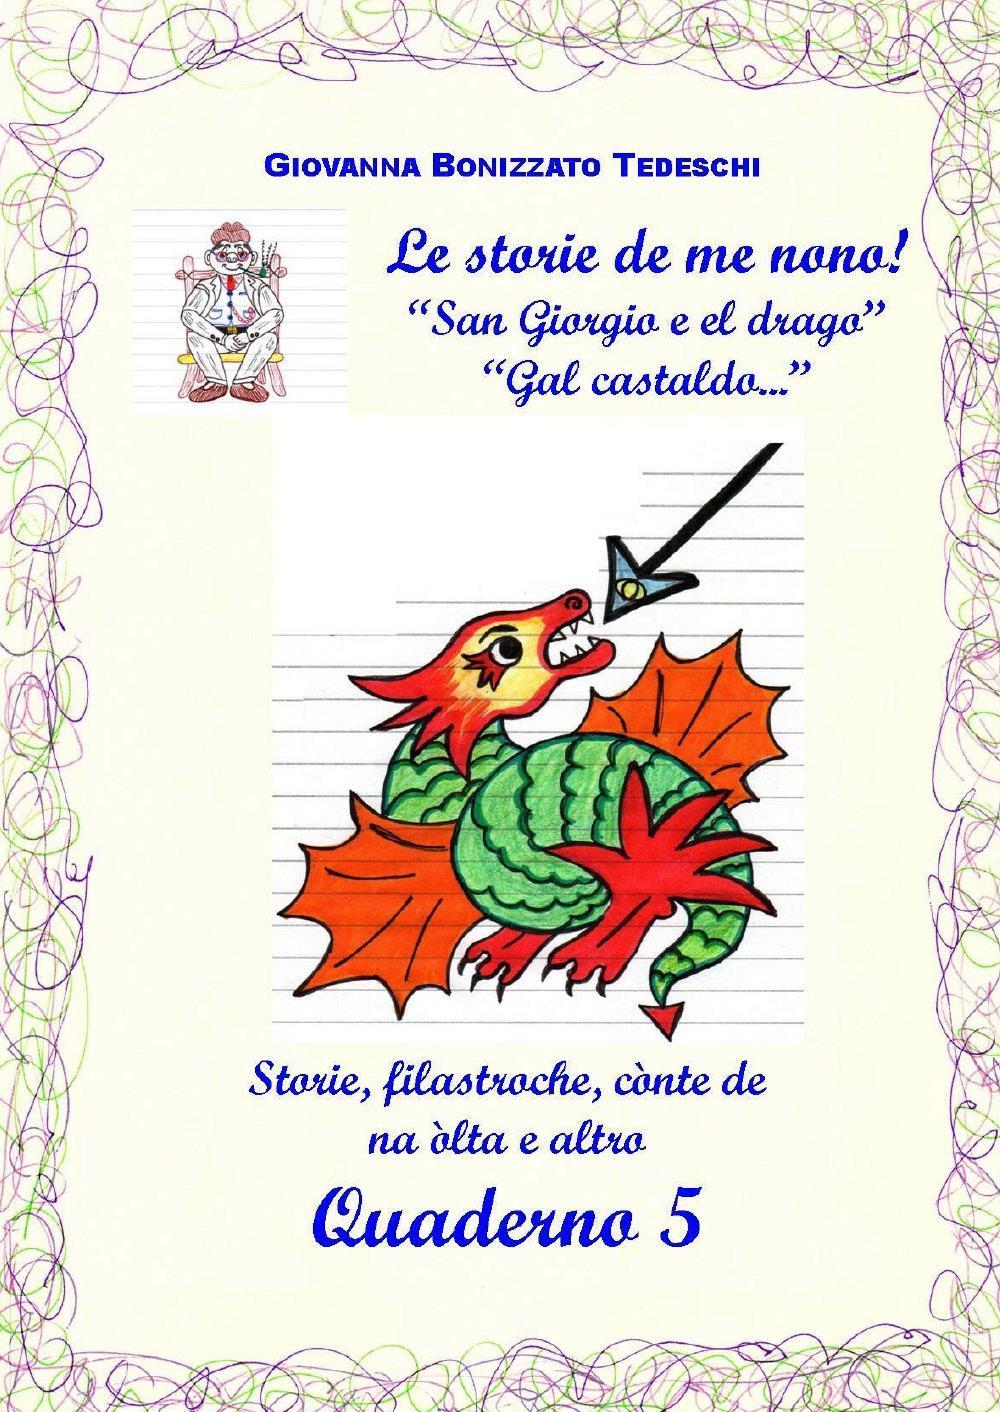 Le storie de me nono - Quaderno 5